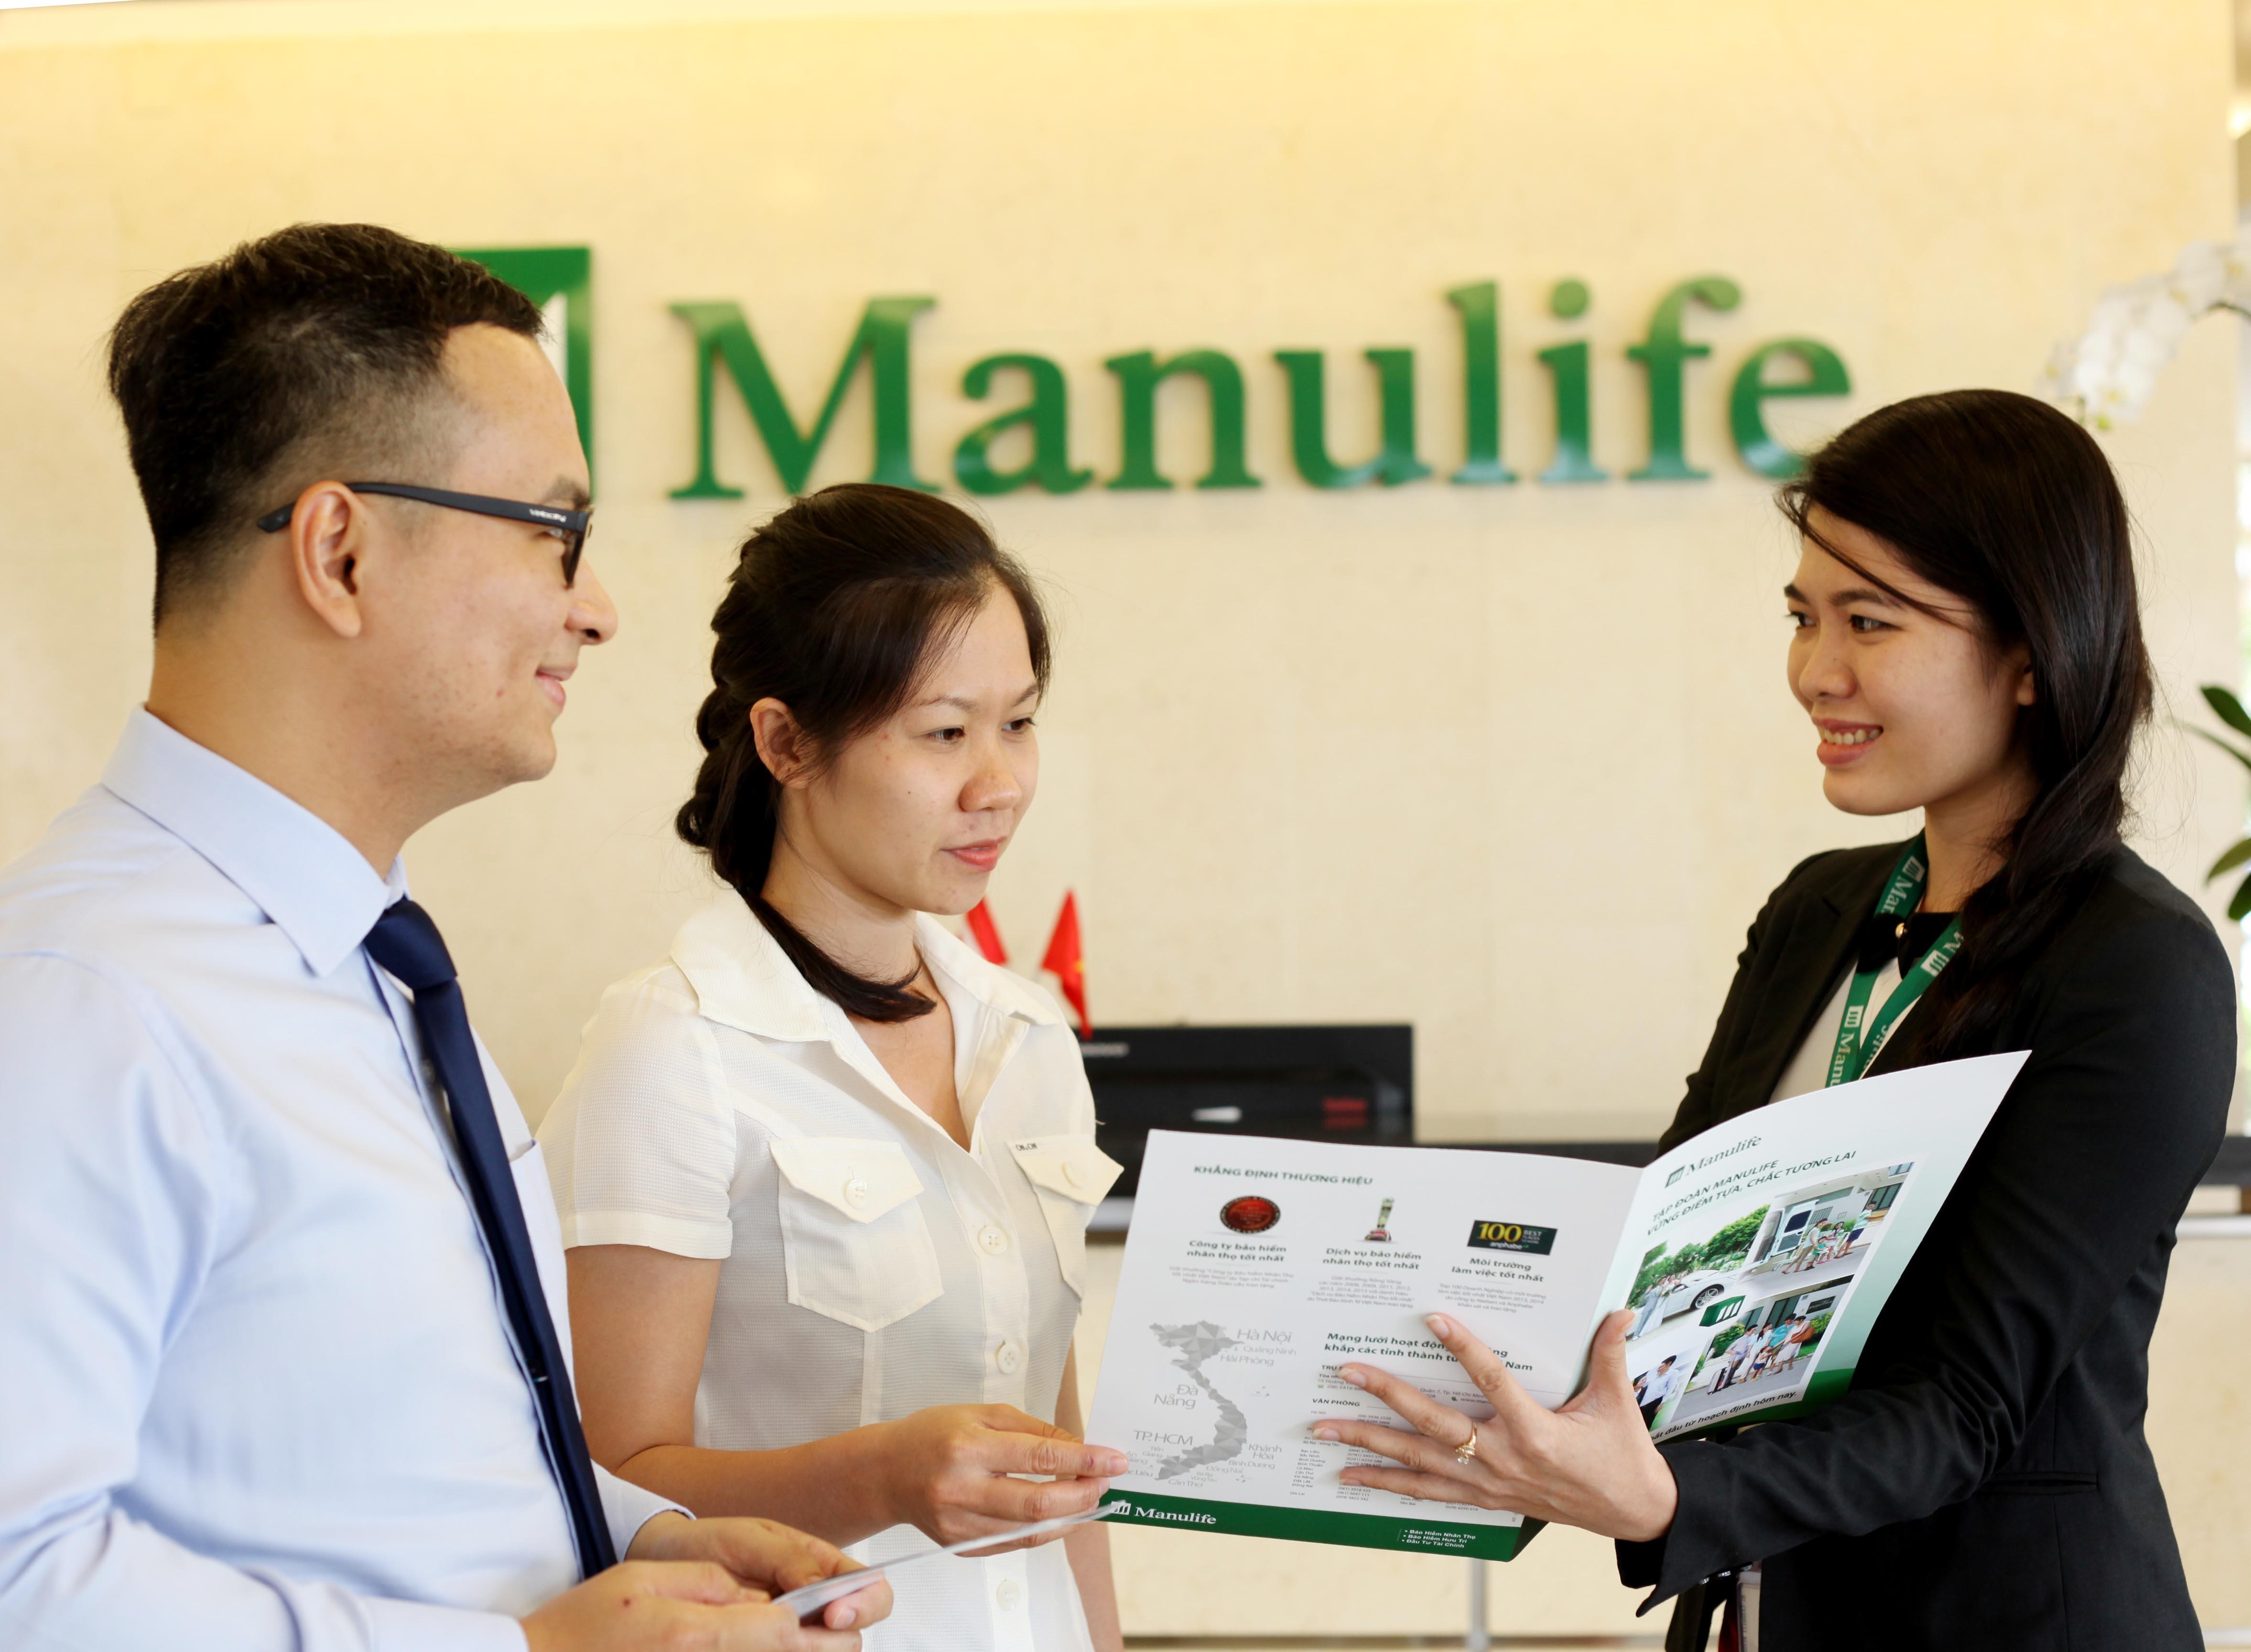 Năm 2015, Manulife Việt Nam nằm trong top 2 nơi làm việc tốt nhất trong ngành Bảo hiểm